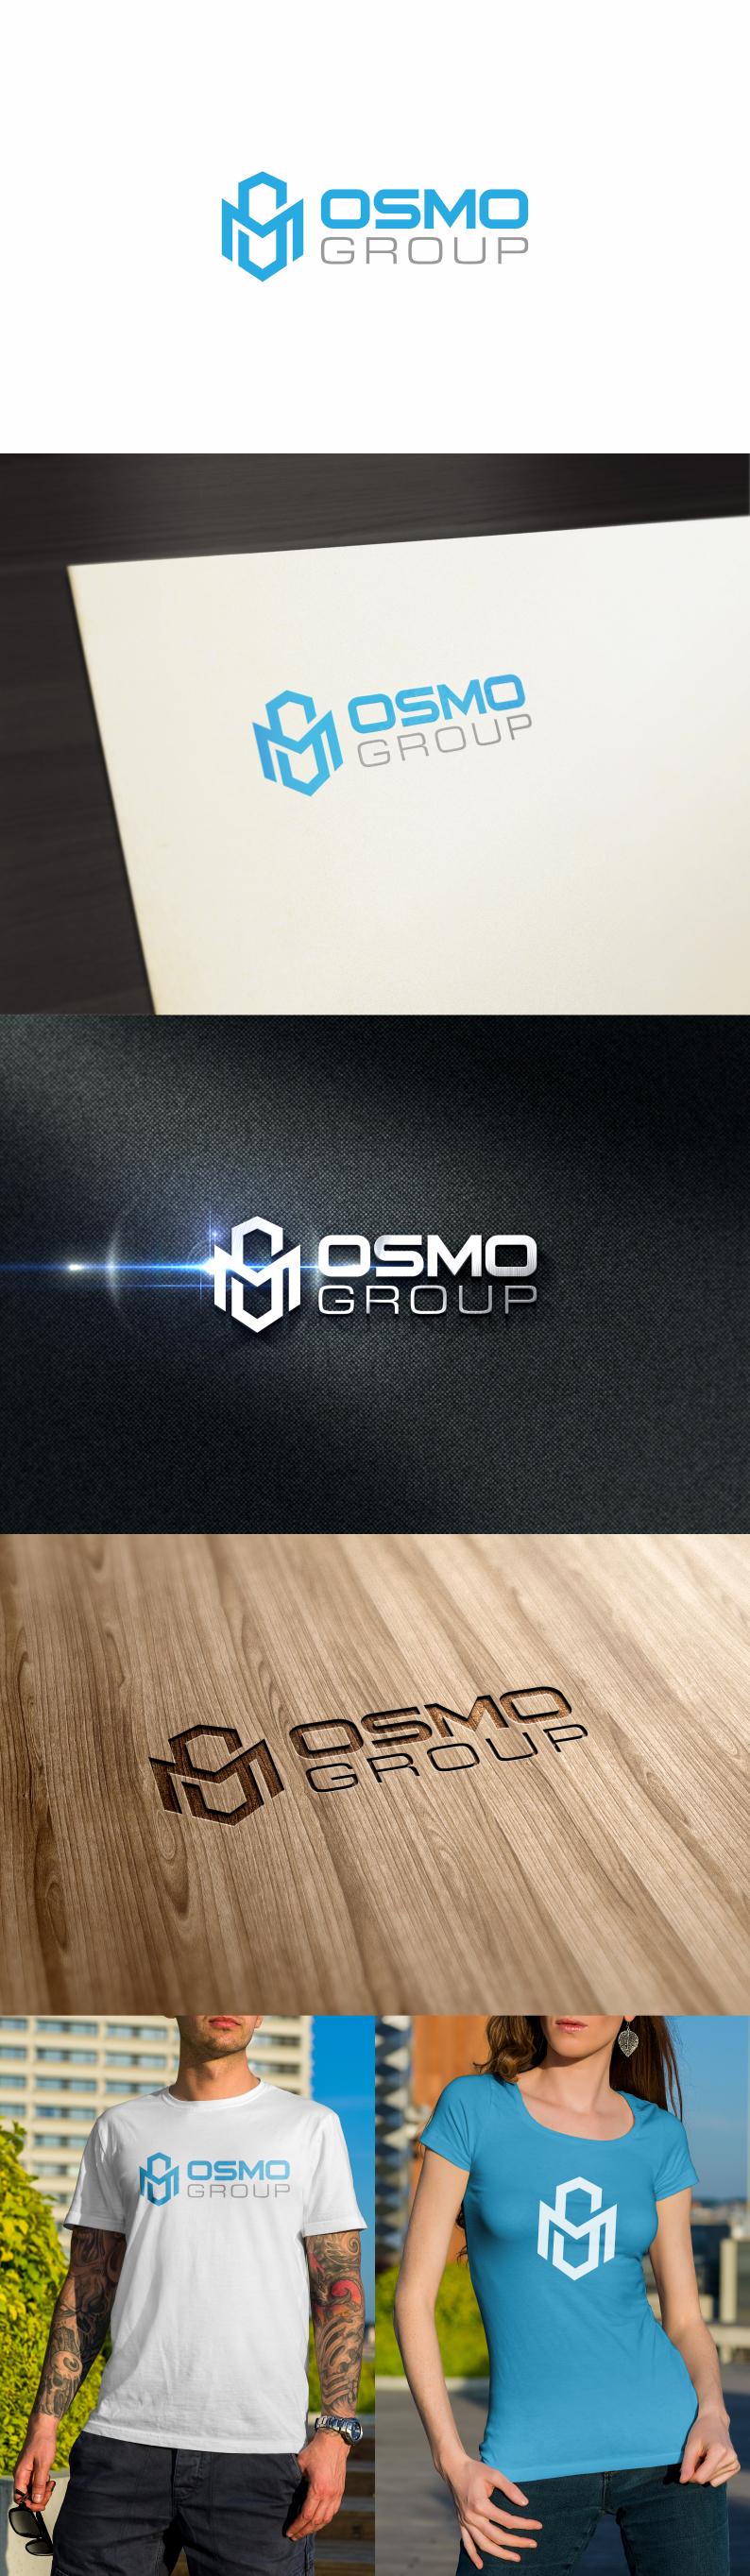 Создание логотипа для строительной компании OSMO group  фото f_52859b6db549e0c7.jpg